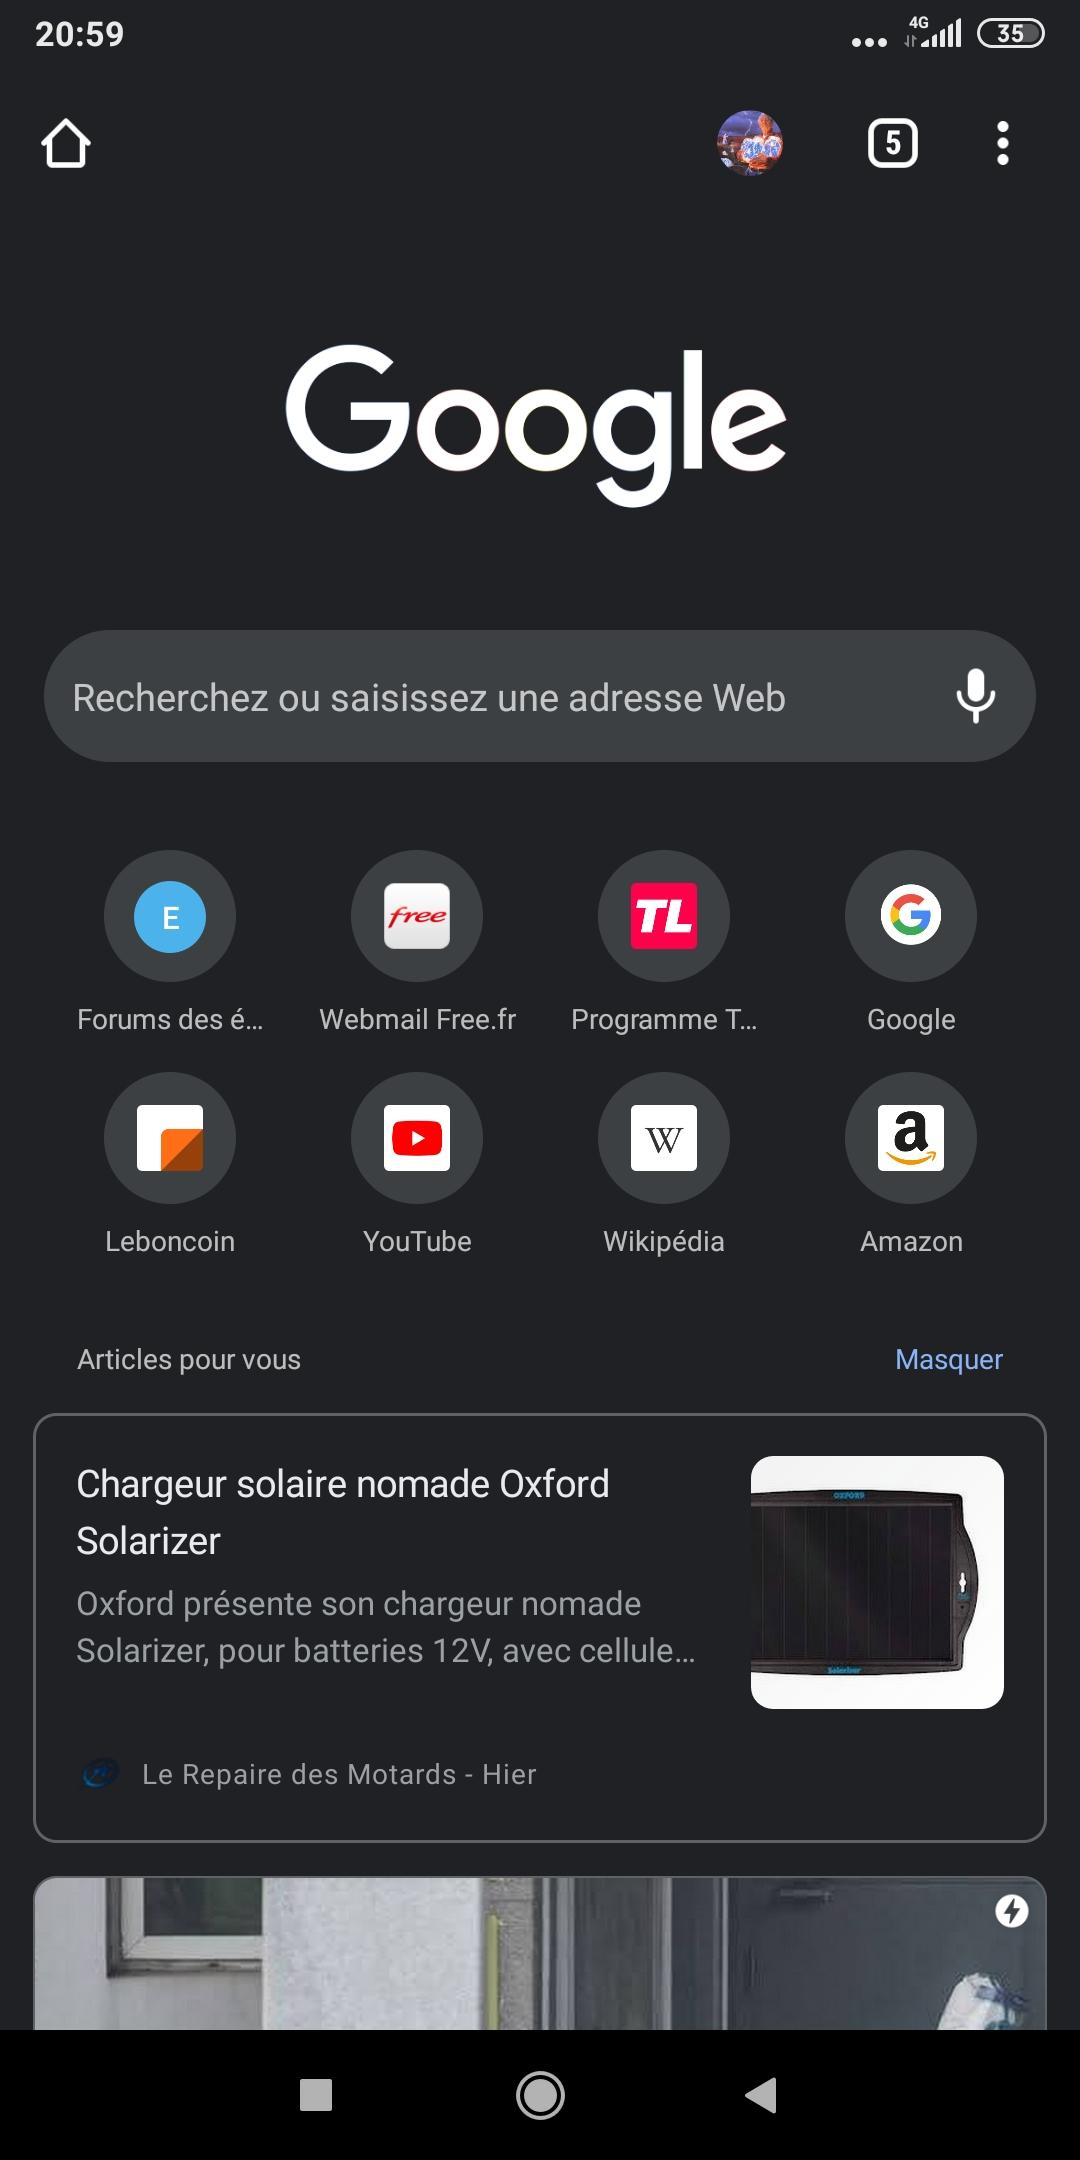 Screenshot_2020-01-19-20-59-45-528_com.android.chrome.jpg